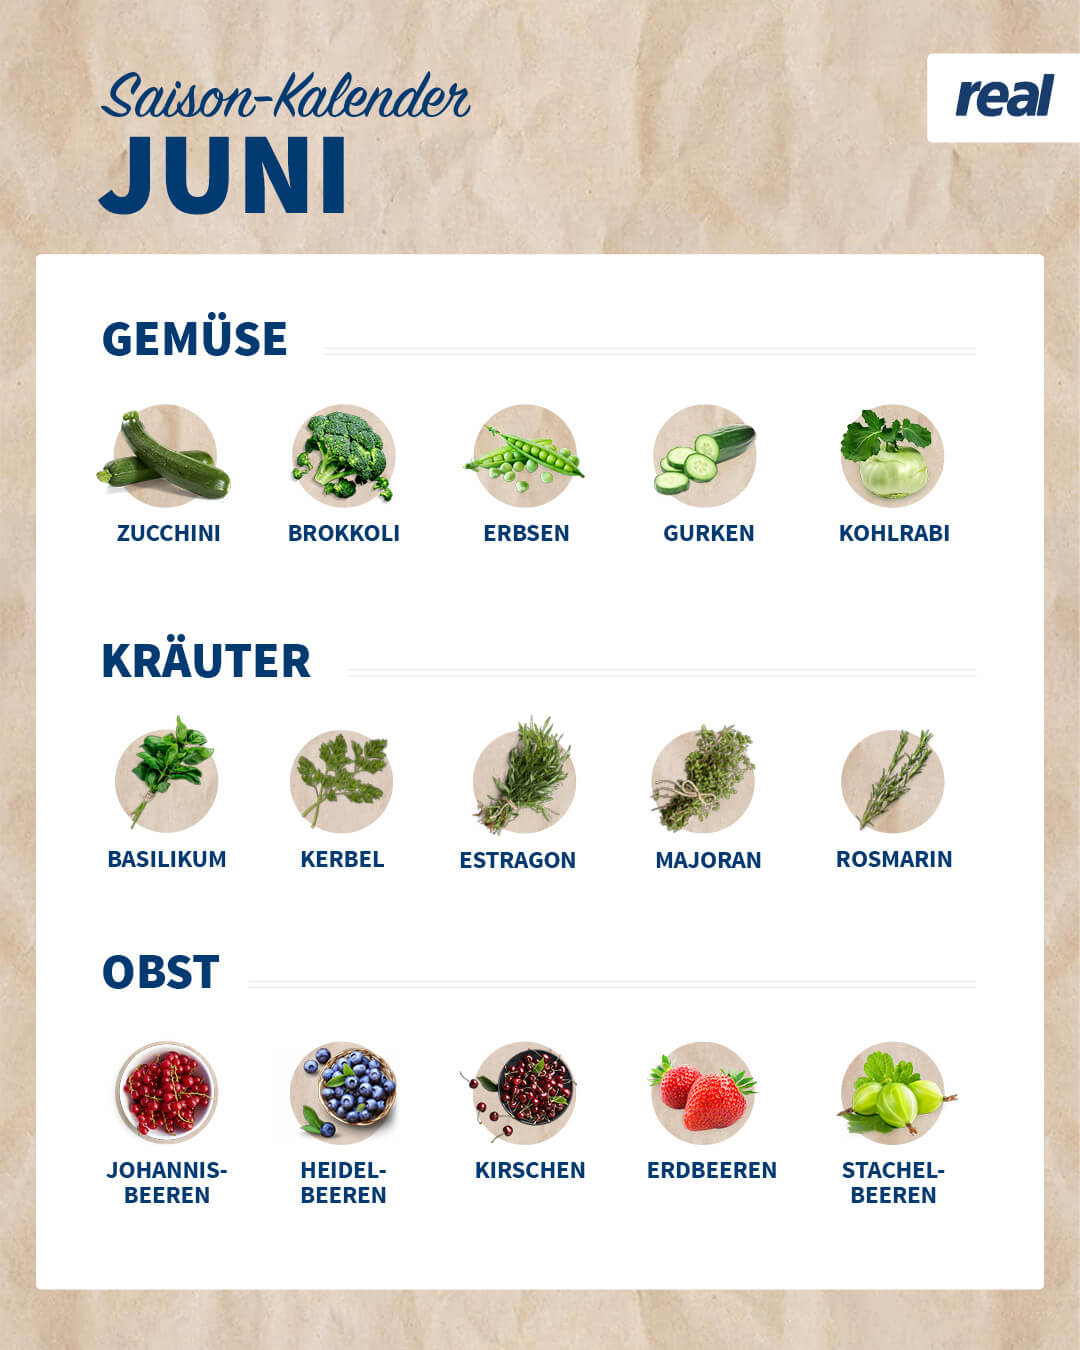 Erzeugnisse im Juni